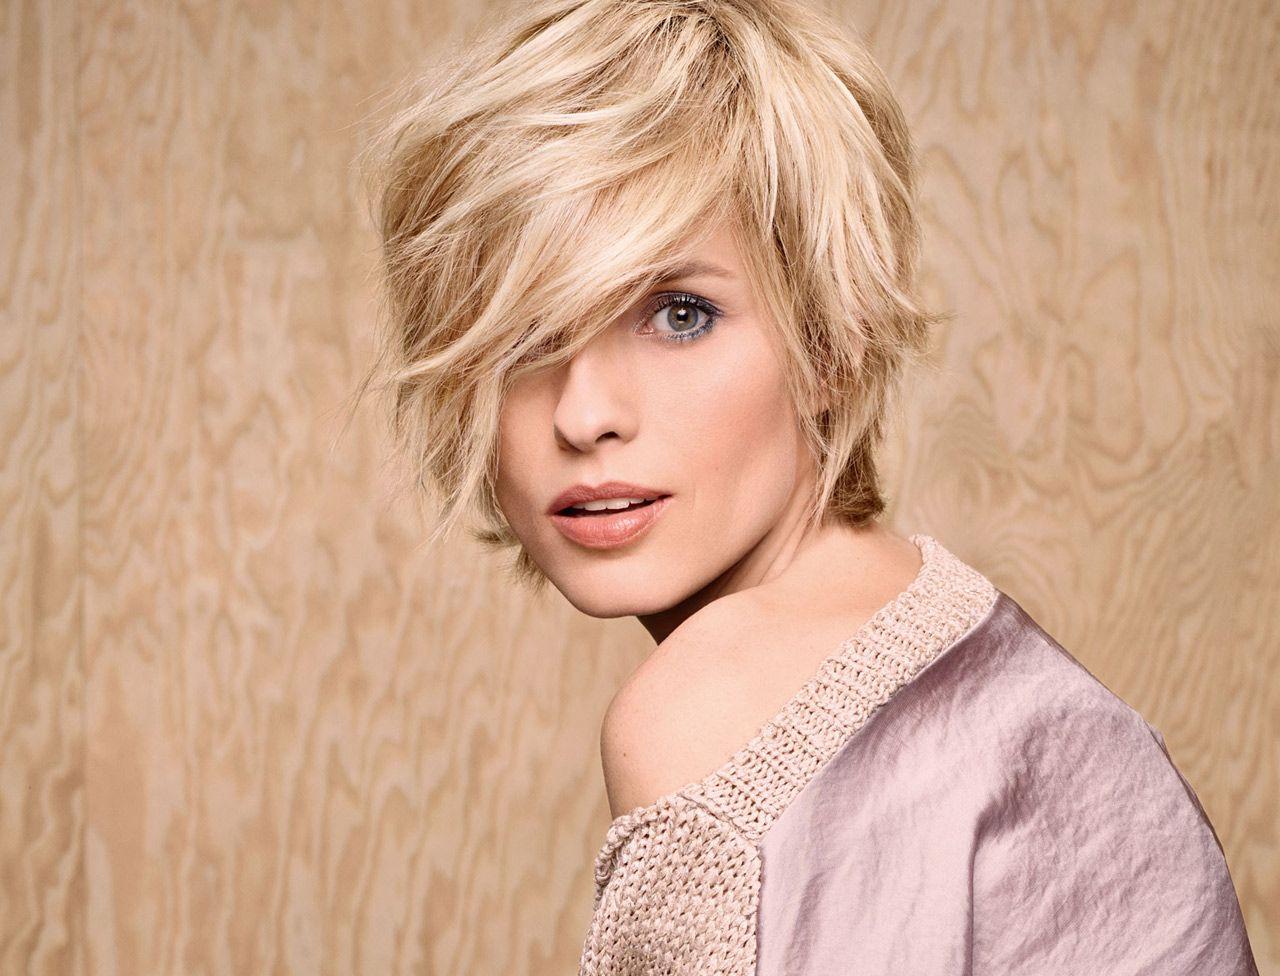 coiffure visage rectangulaire pixie haircut petite coupe short hair | Coiffures cheveux mi longs ...